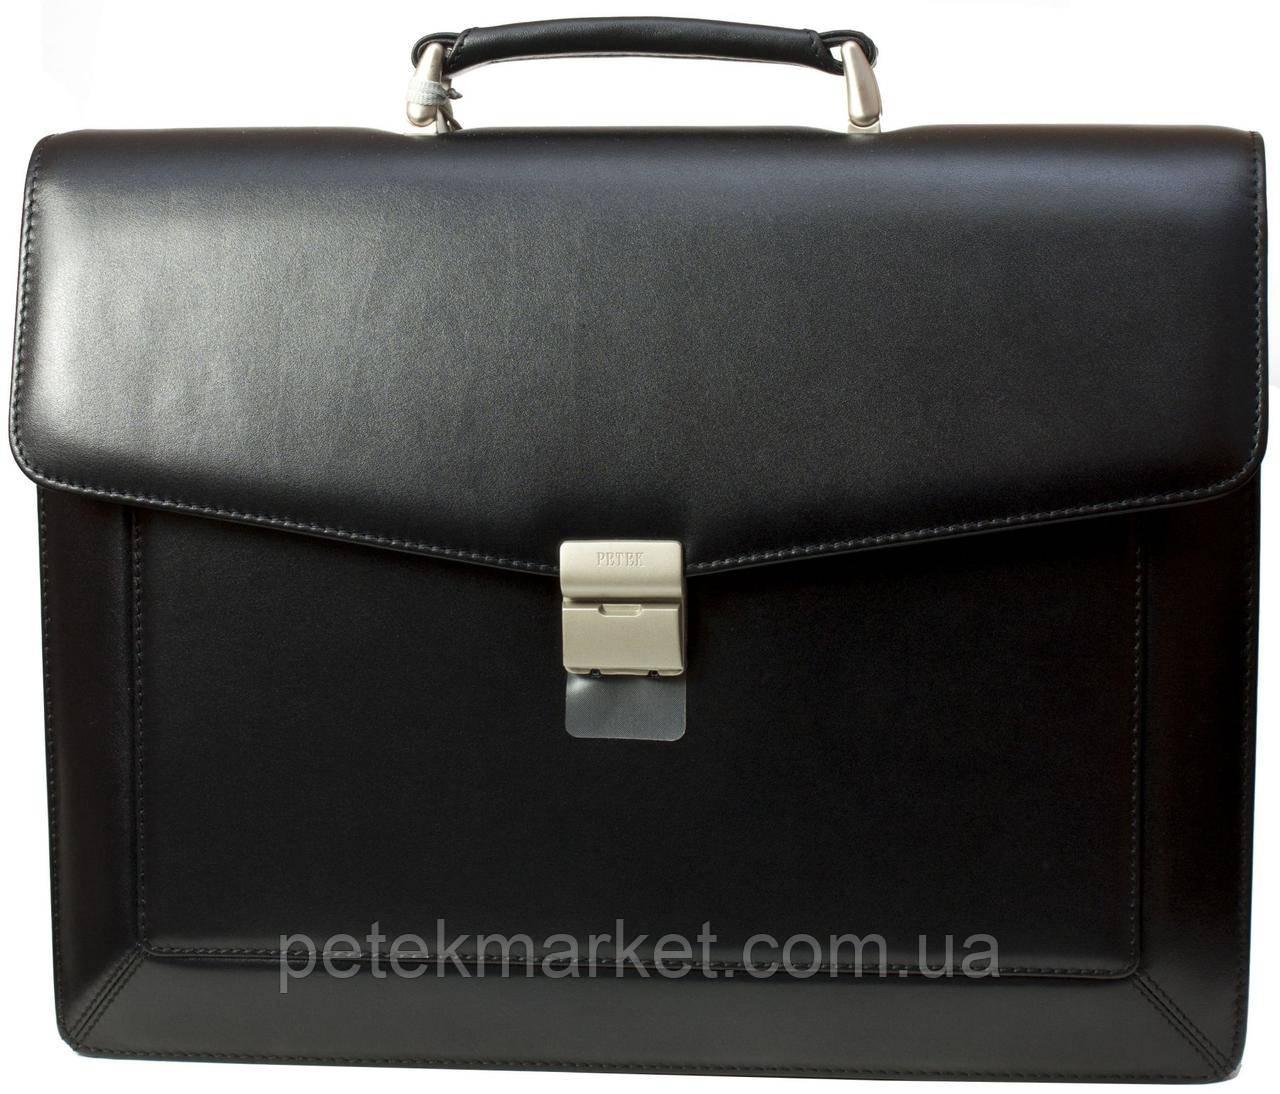 Кожаный портфель Petek 891/3